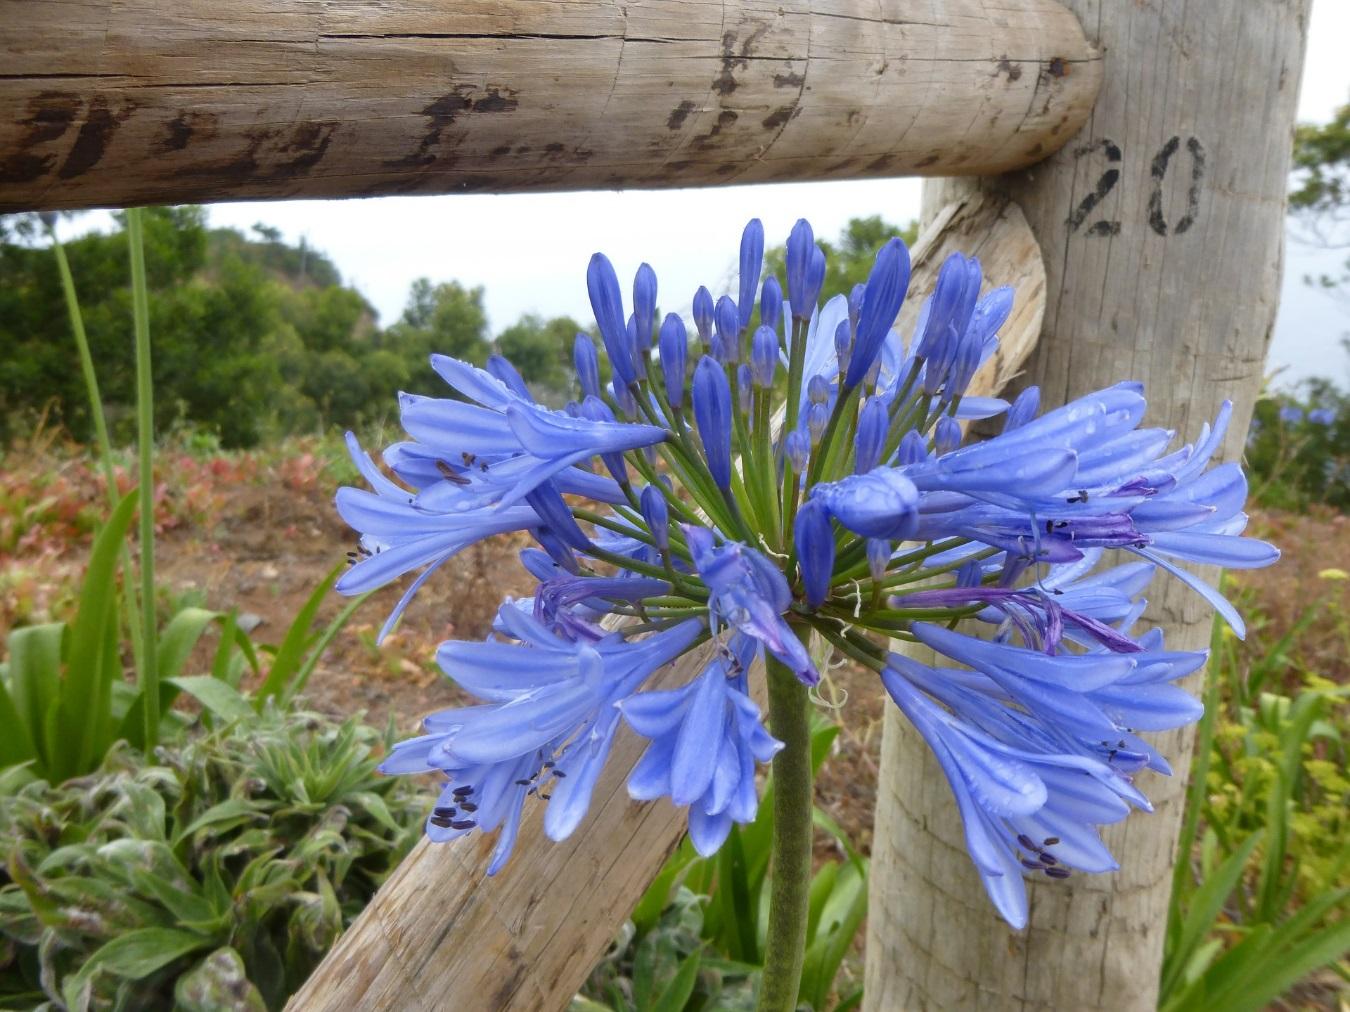 Agapanthe Jardin Unique Plantas De Exterior Resistentes Al sol Y Poca Agua Novo P Of 84 Génial Agapanthe Jardin